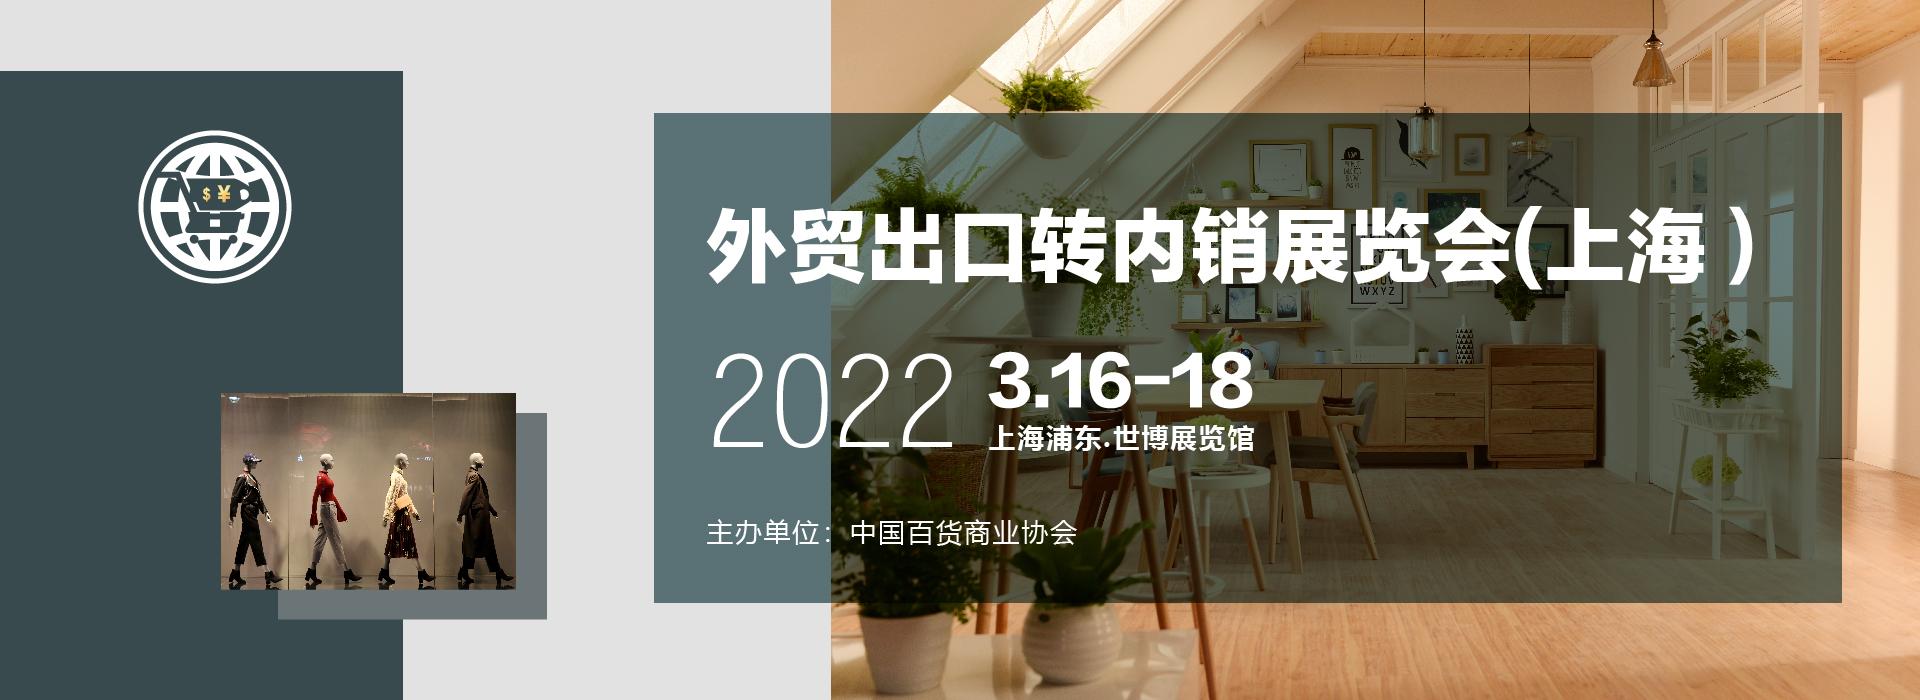 2022外贸出口转内销展览会(上海)